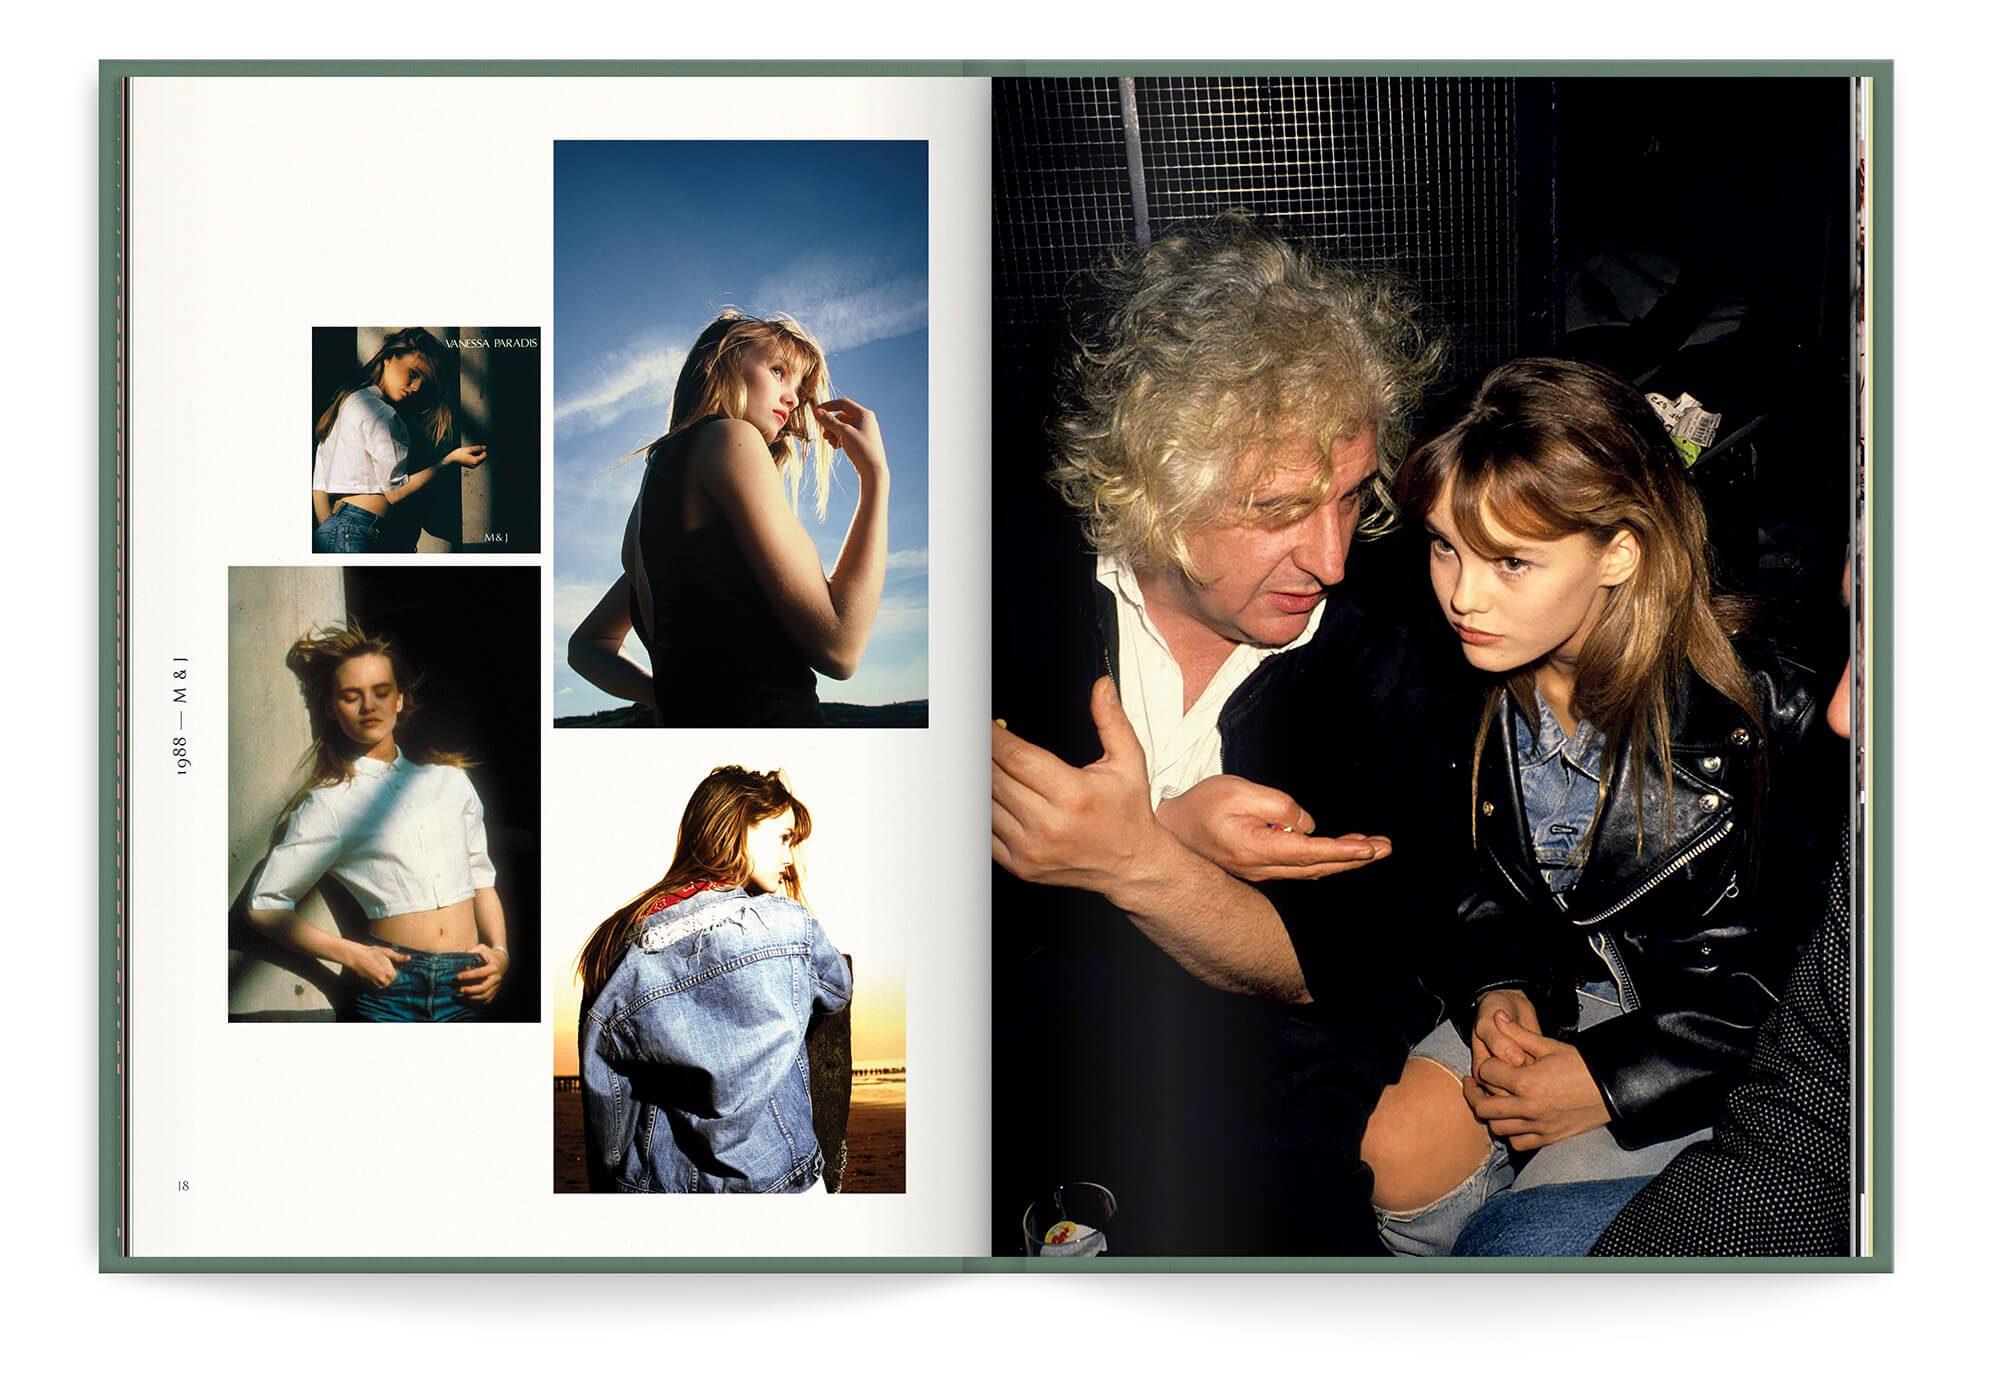 Photo inédite de la periode du premier album de Vanessa Paradis, M&J, 1988. Design IchetKar